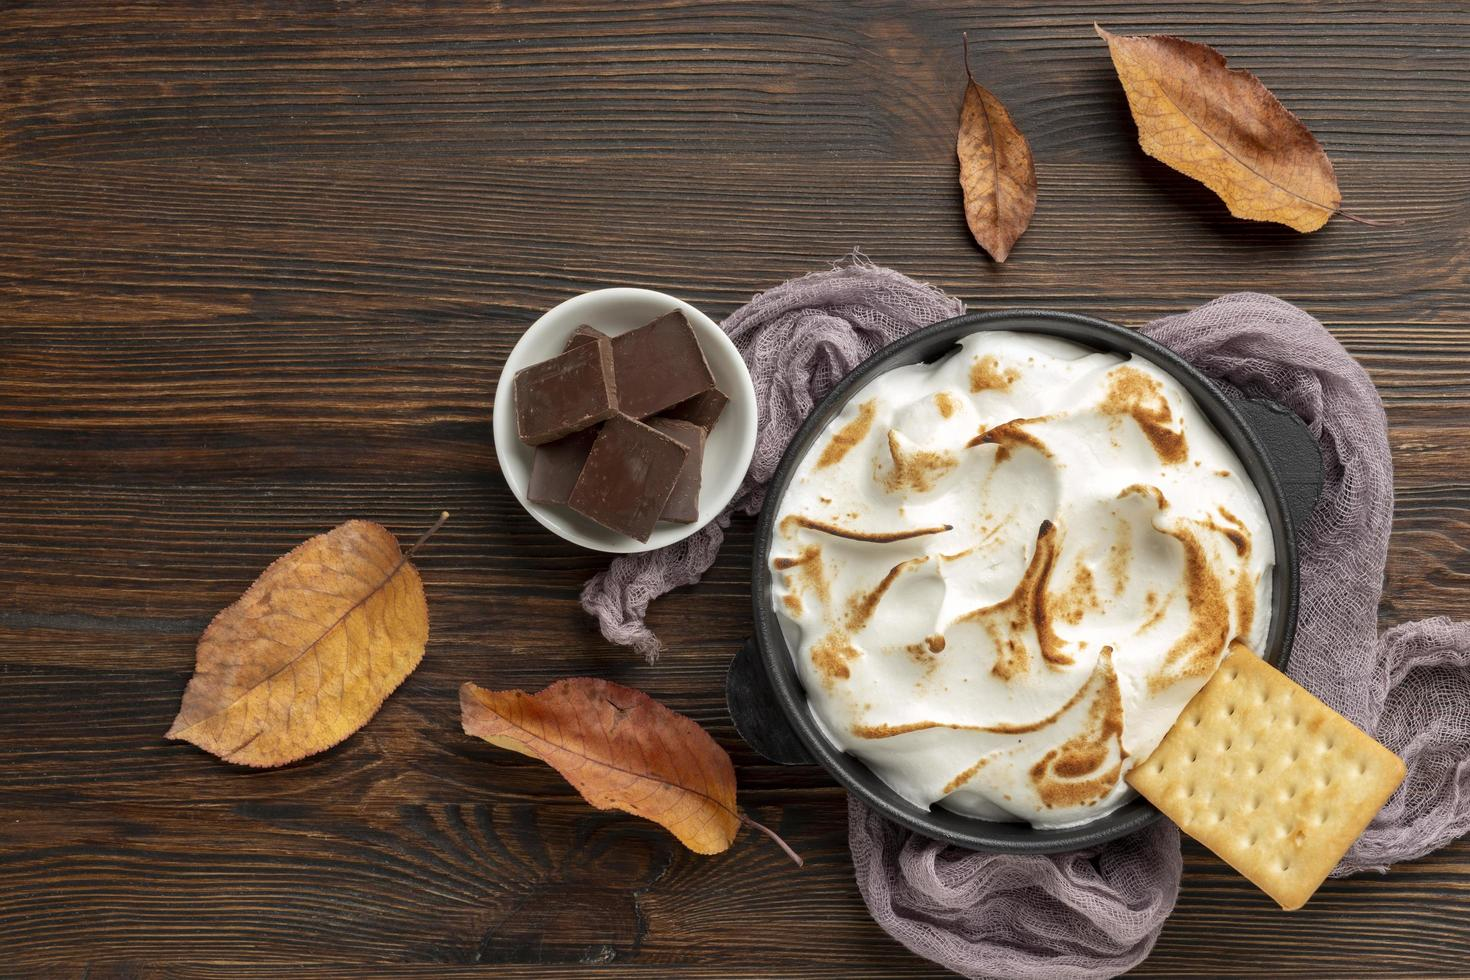 die schmackhafte Sitten-Dessert-Komposition foto